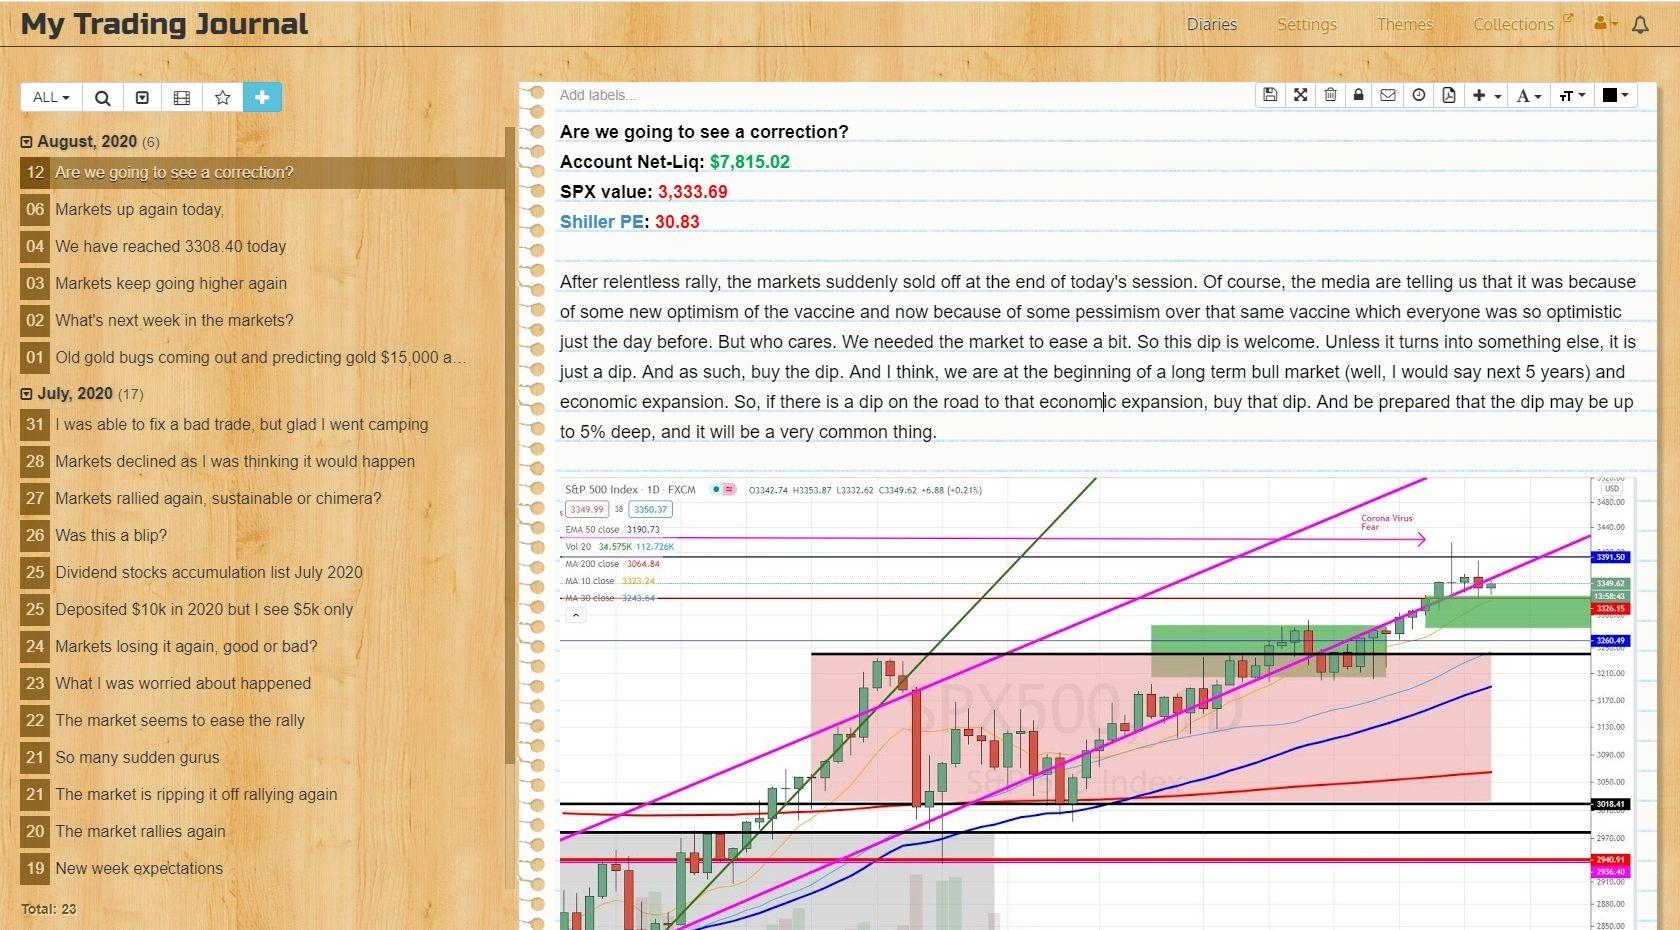 S&P 500 expectation diary entry